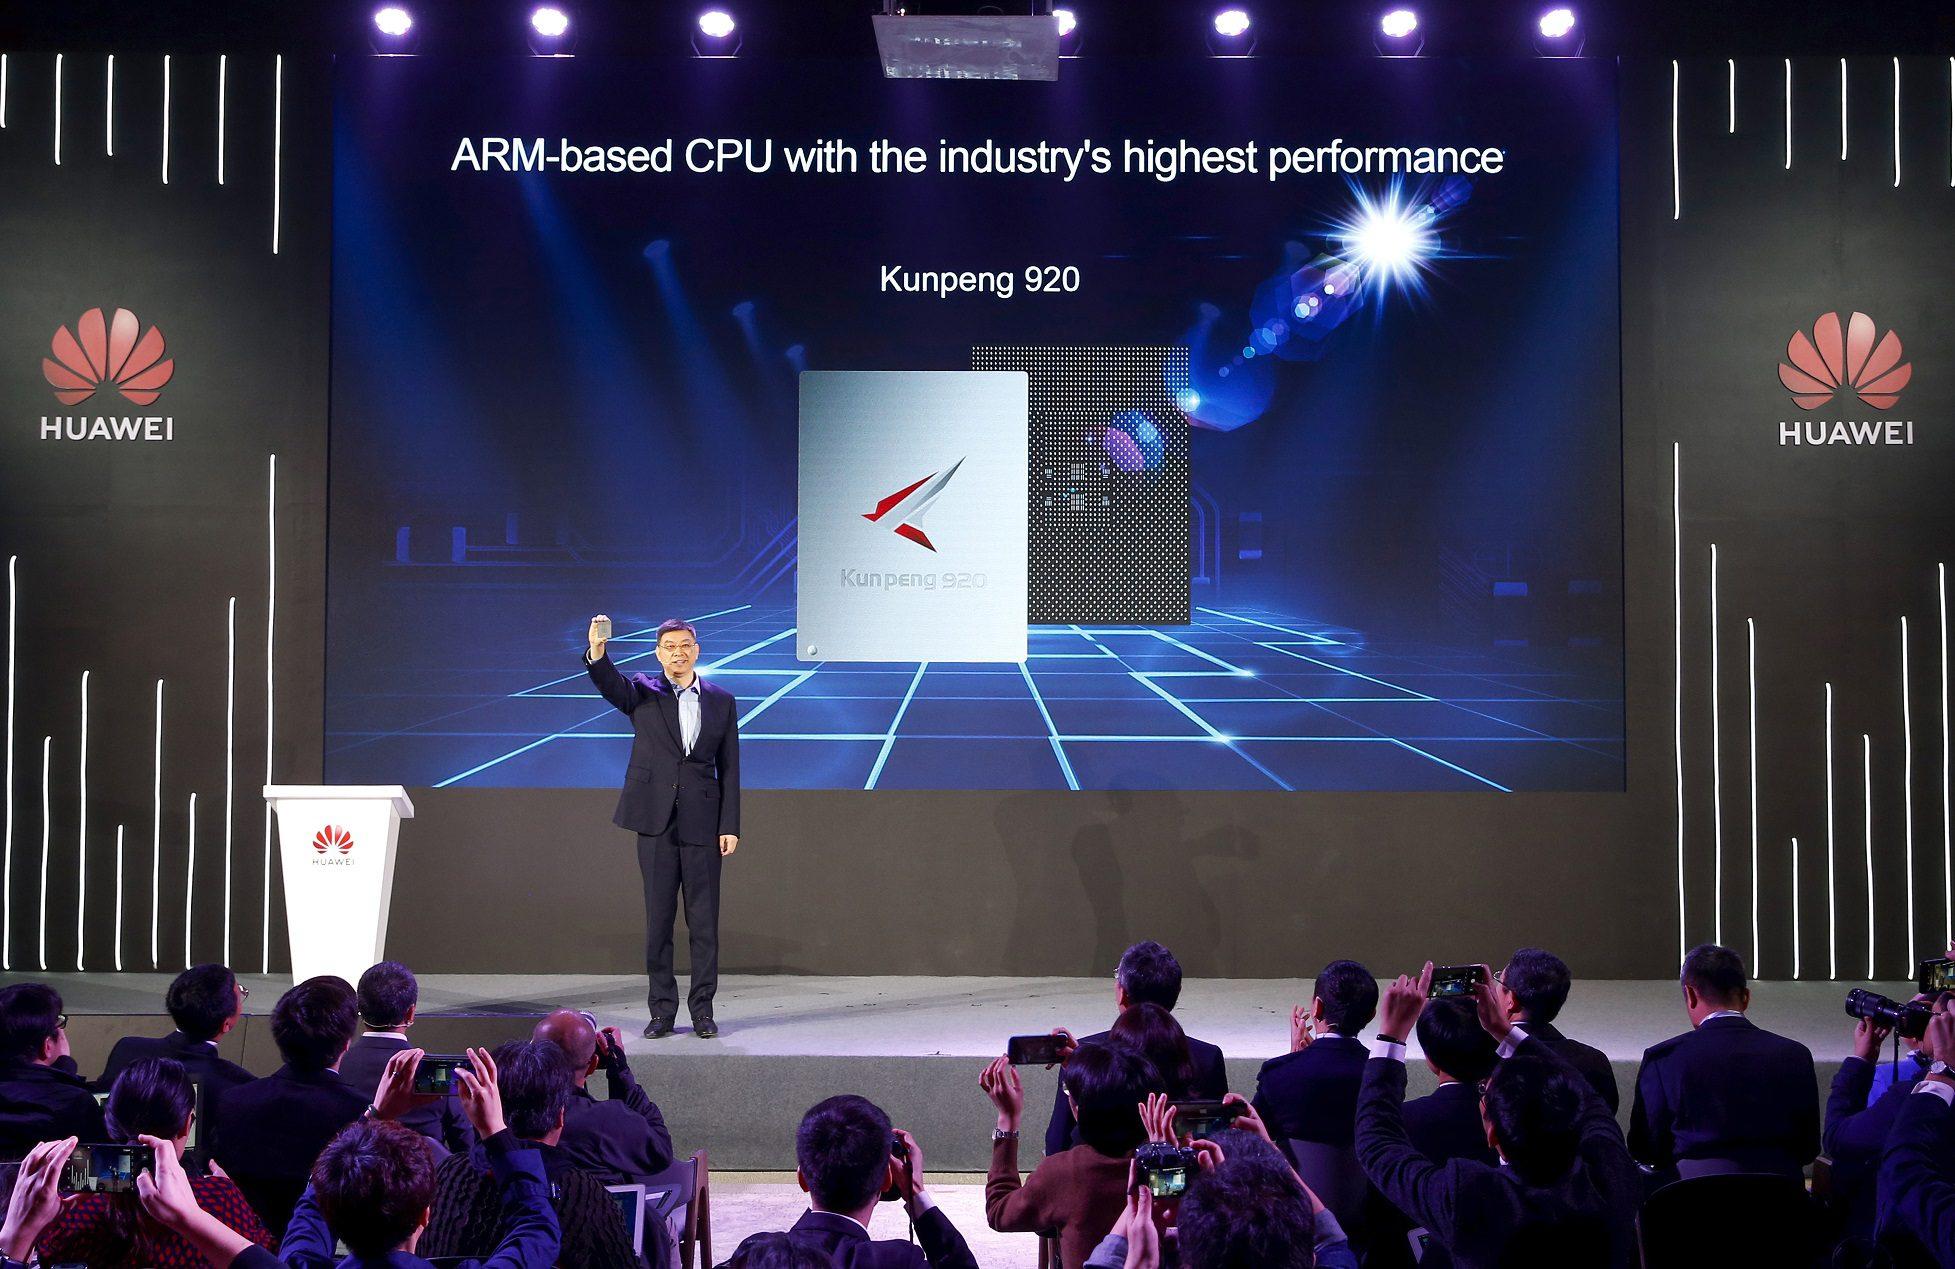 หัวเว่ยเปิดตัว CPU ARM ประสิทธิภาพสูงสุดในอุตสาหกรรม ยกระดับพลังการประมวลผลระดับโลก